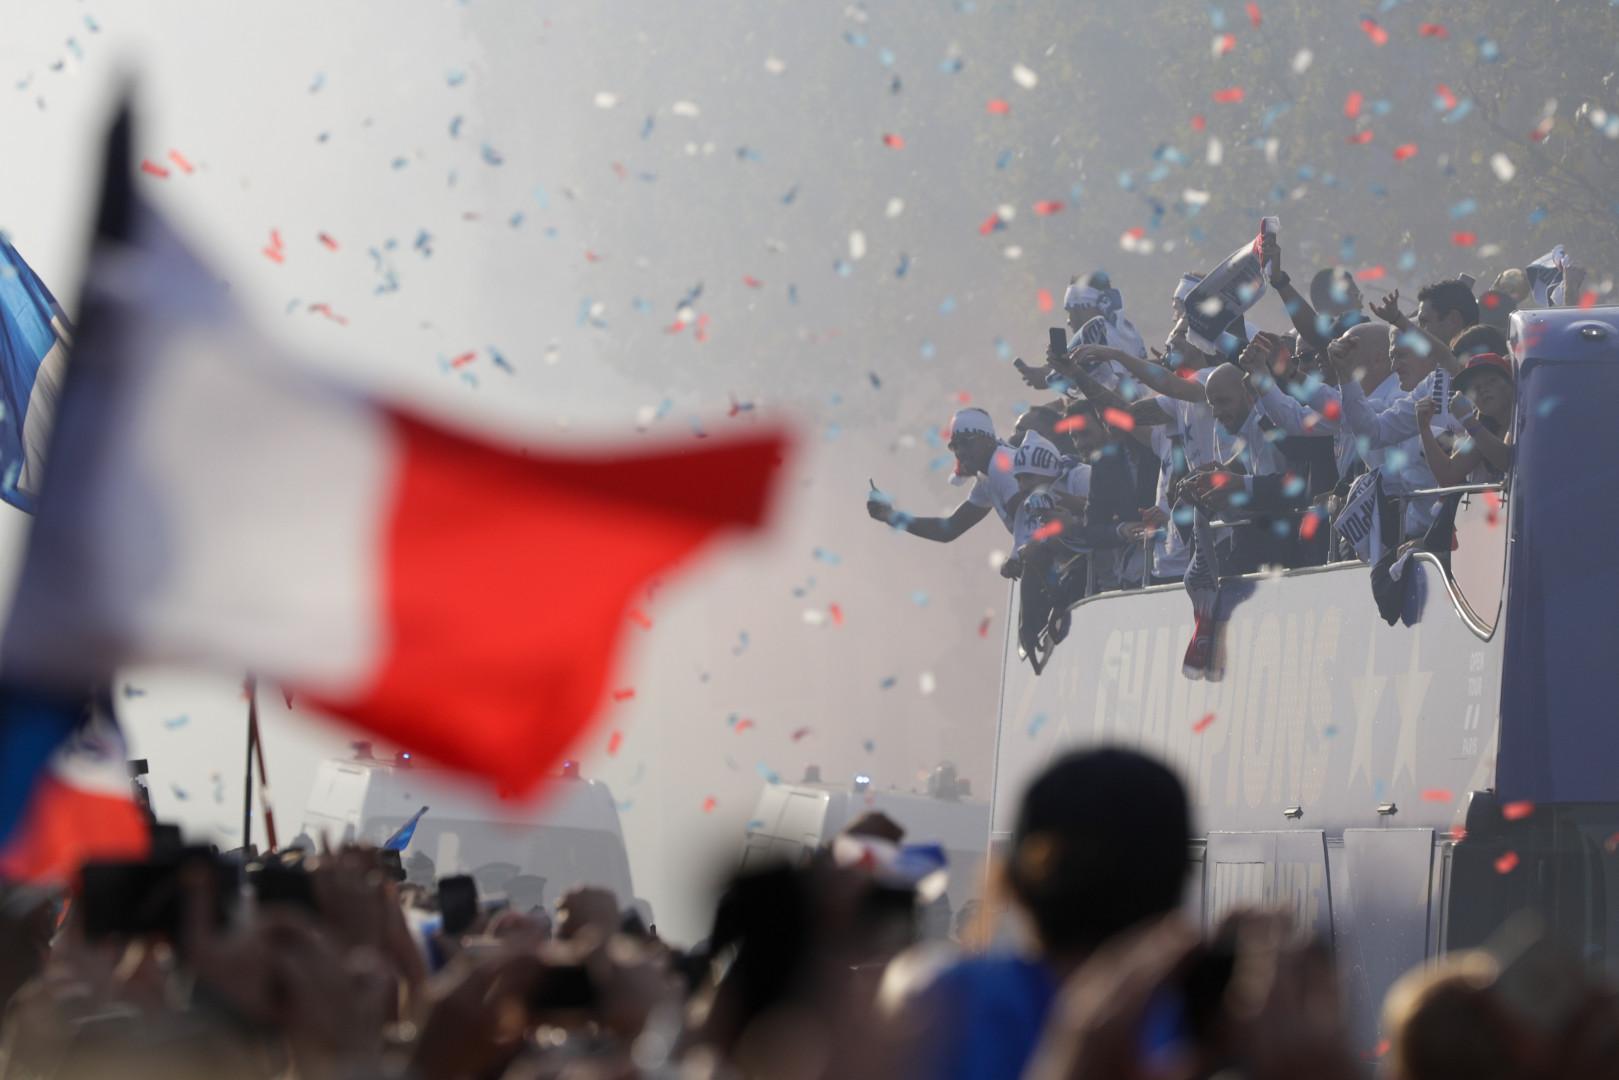 Le bus des Bleus sur les Champs-Élysées le 16 juillet